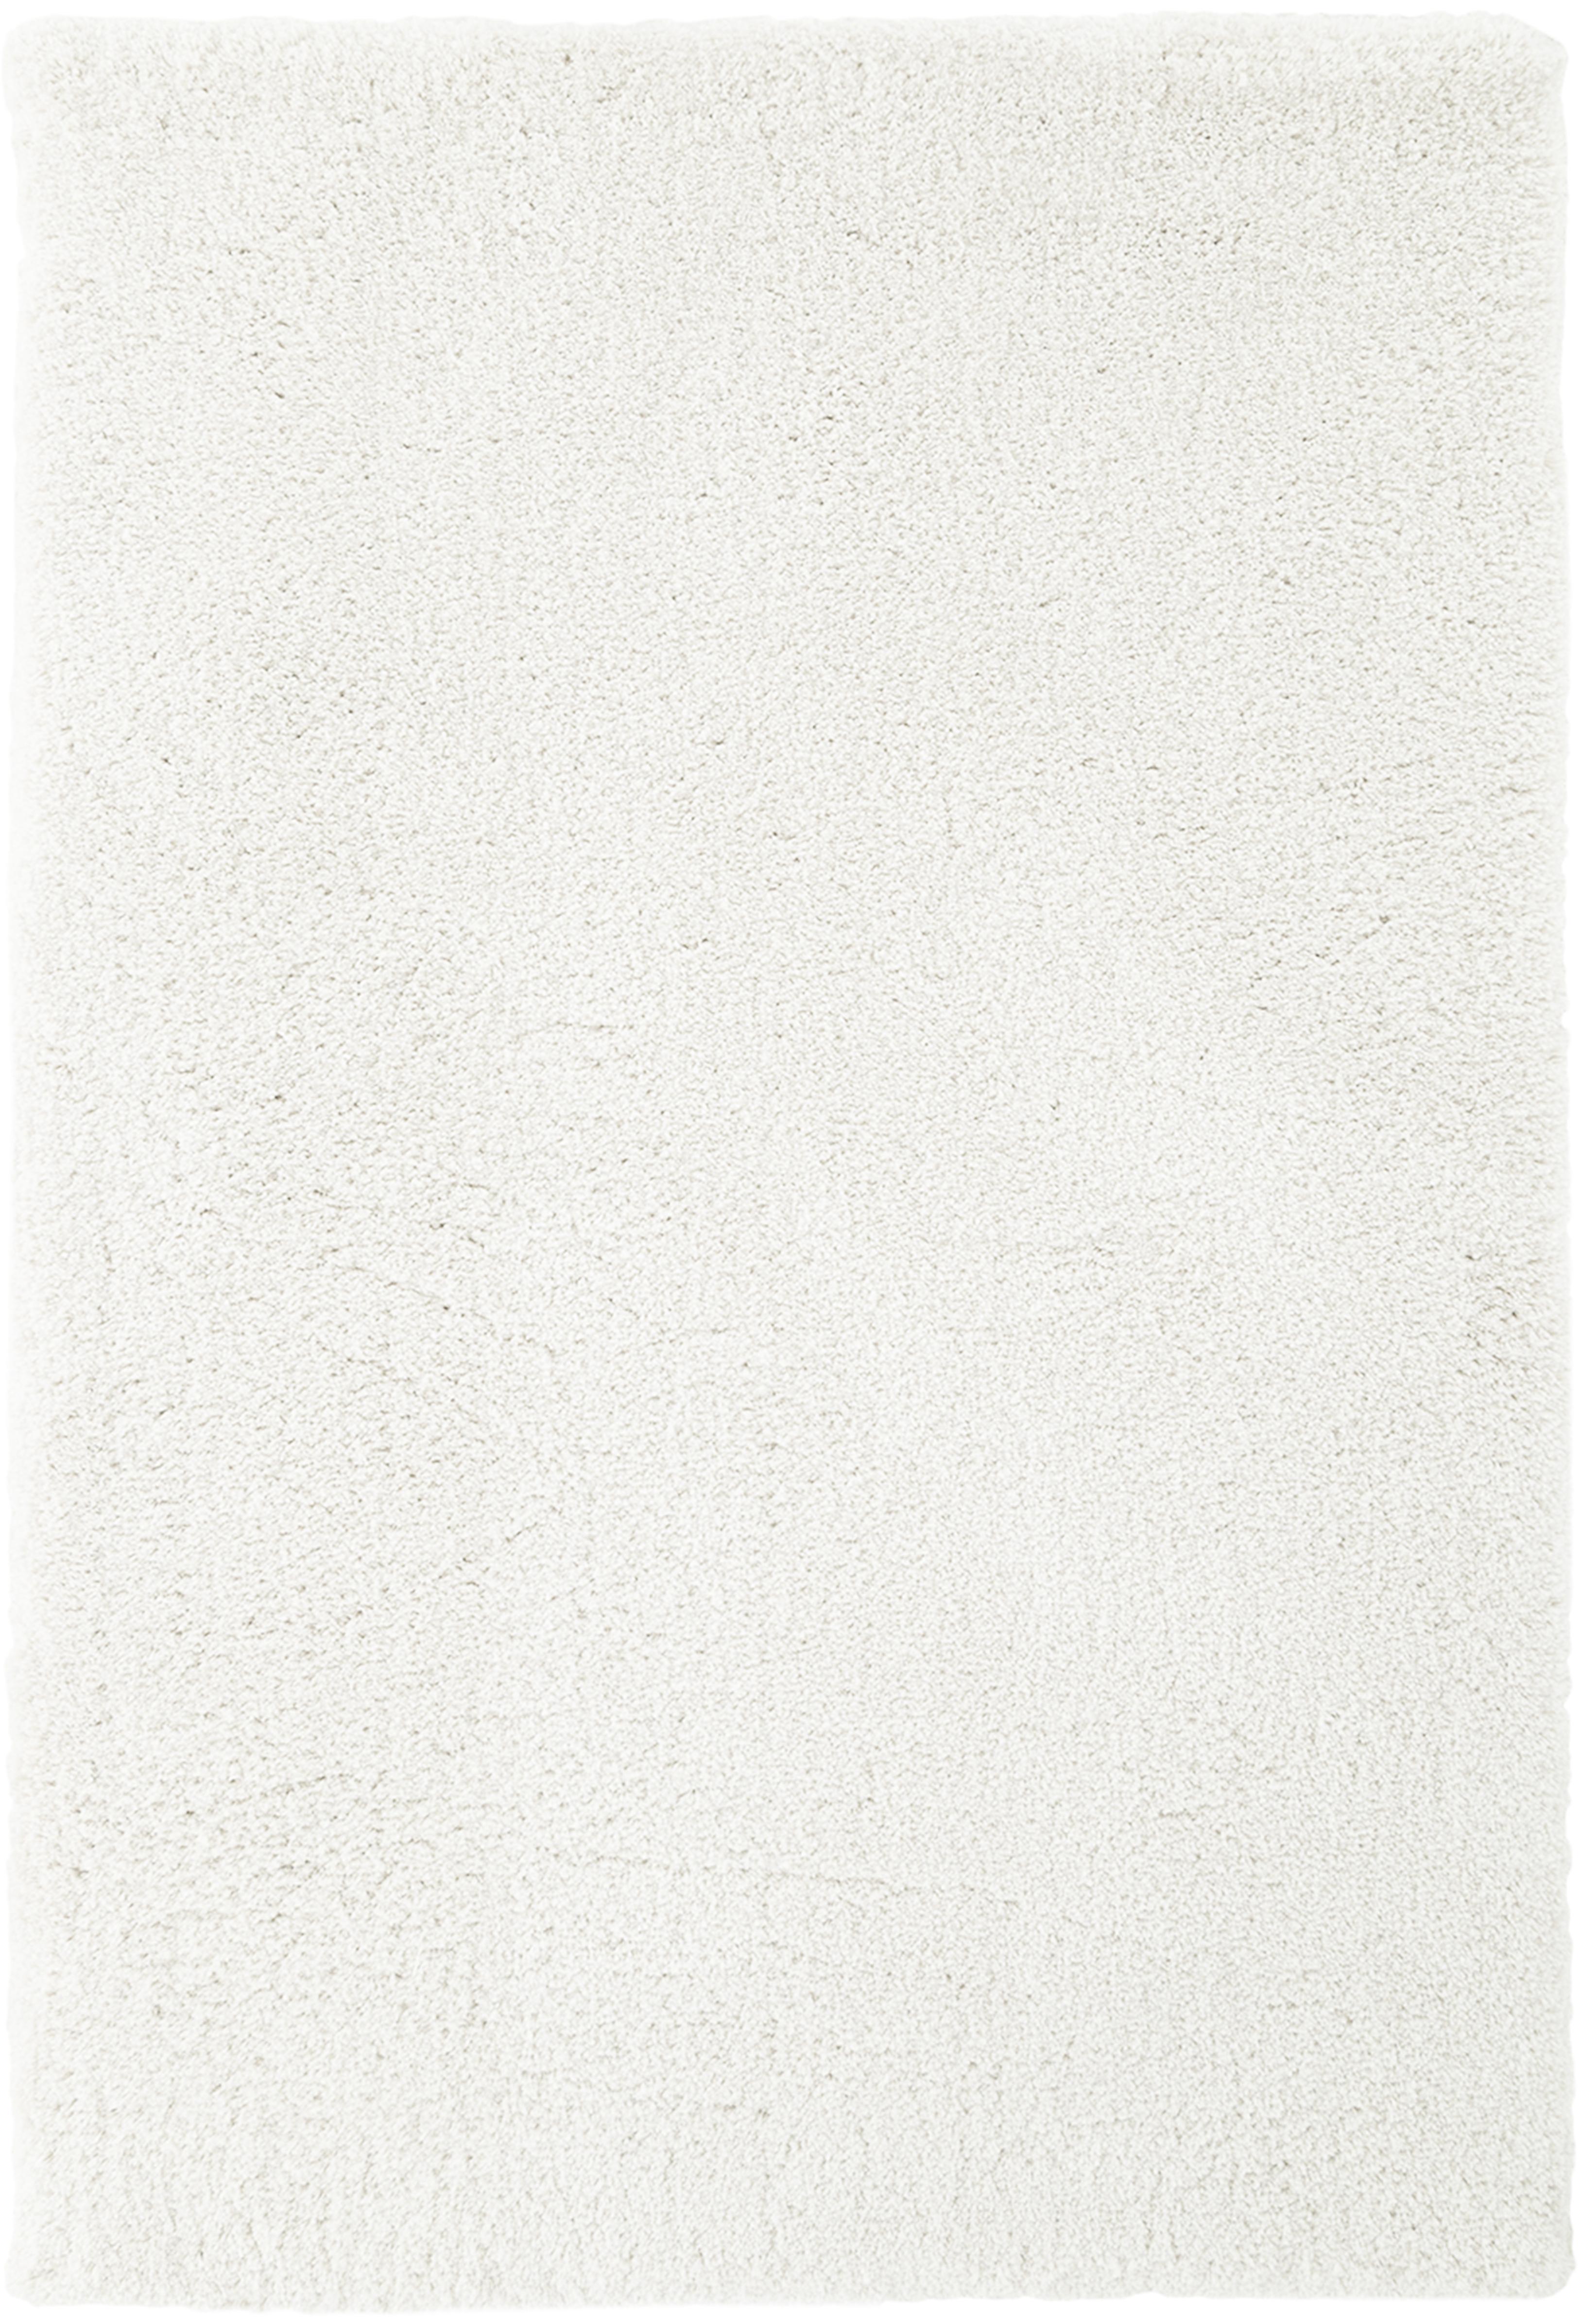 Flauschiger Hochflor-Teppich Leighton in Creme, Flor: 100% Polyester (Mikrofase, Creme, B 200 x L 300 cm (Größe L)